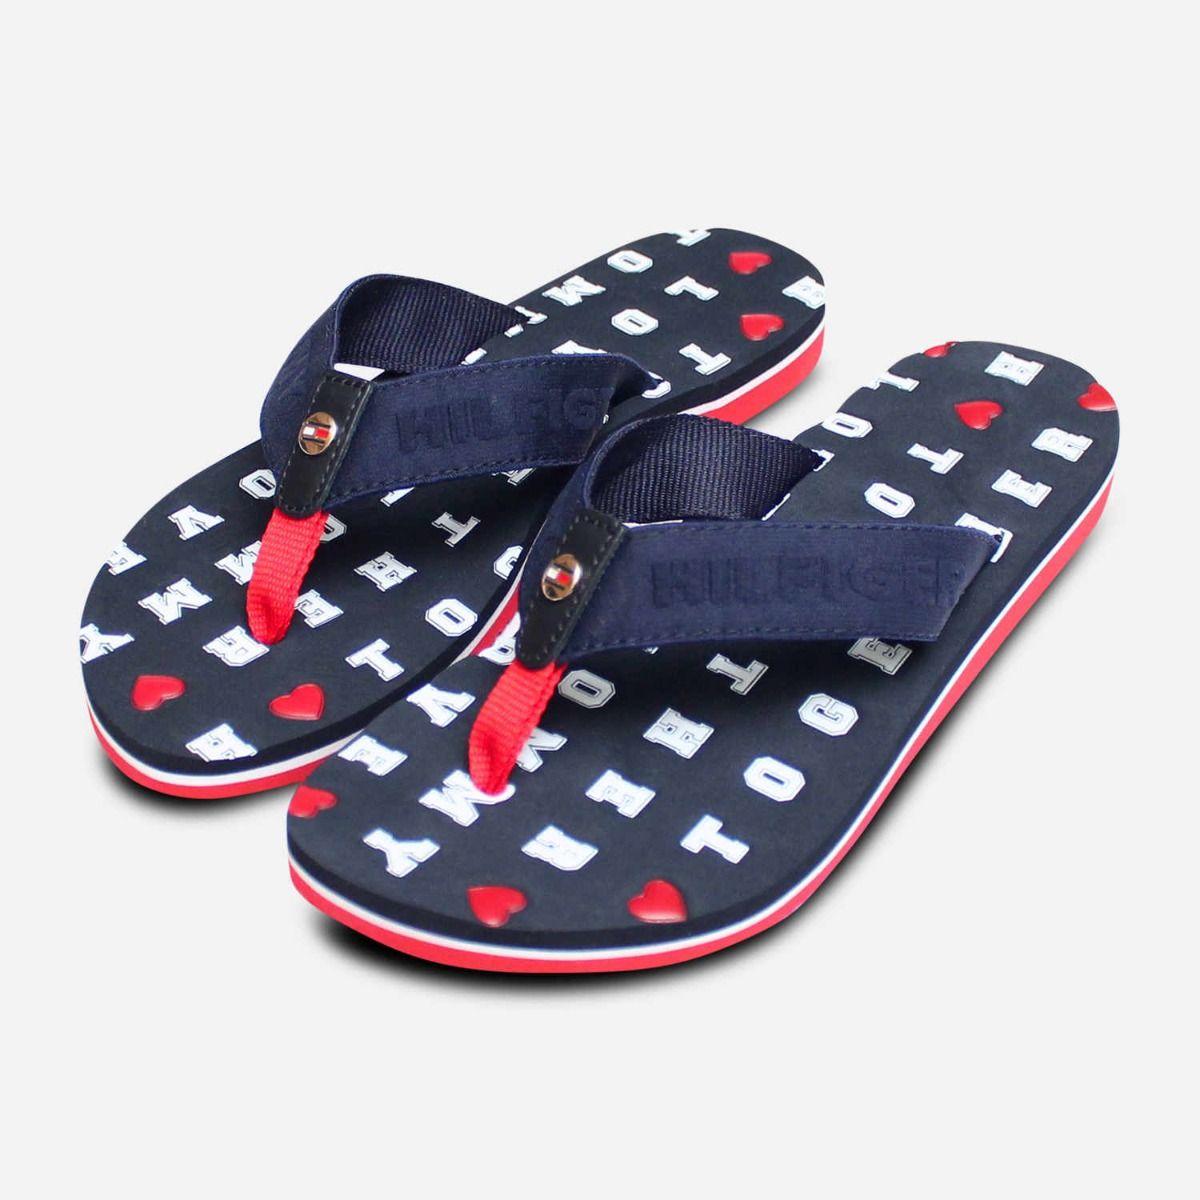 1a13fb5b3647 Tommy Hilfiger Navy Blue   Red Embossed Flip Flop Sandals